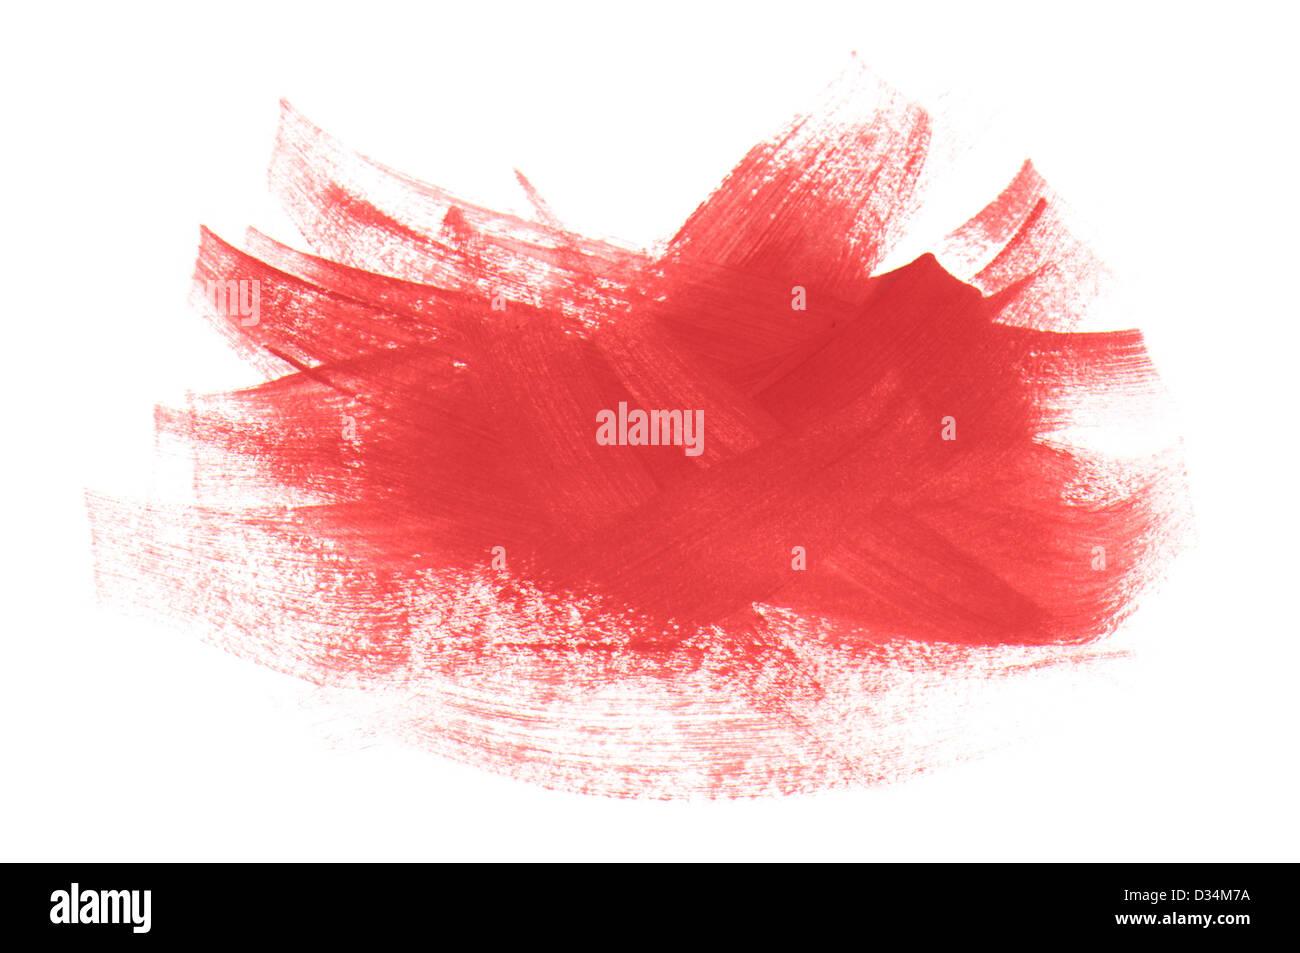 Vernice acrilica rosso spazzola tratti isolati su sfondo bianco Immagini Stock